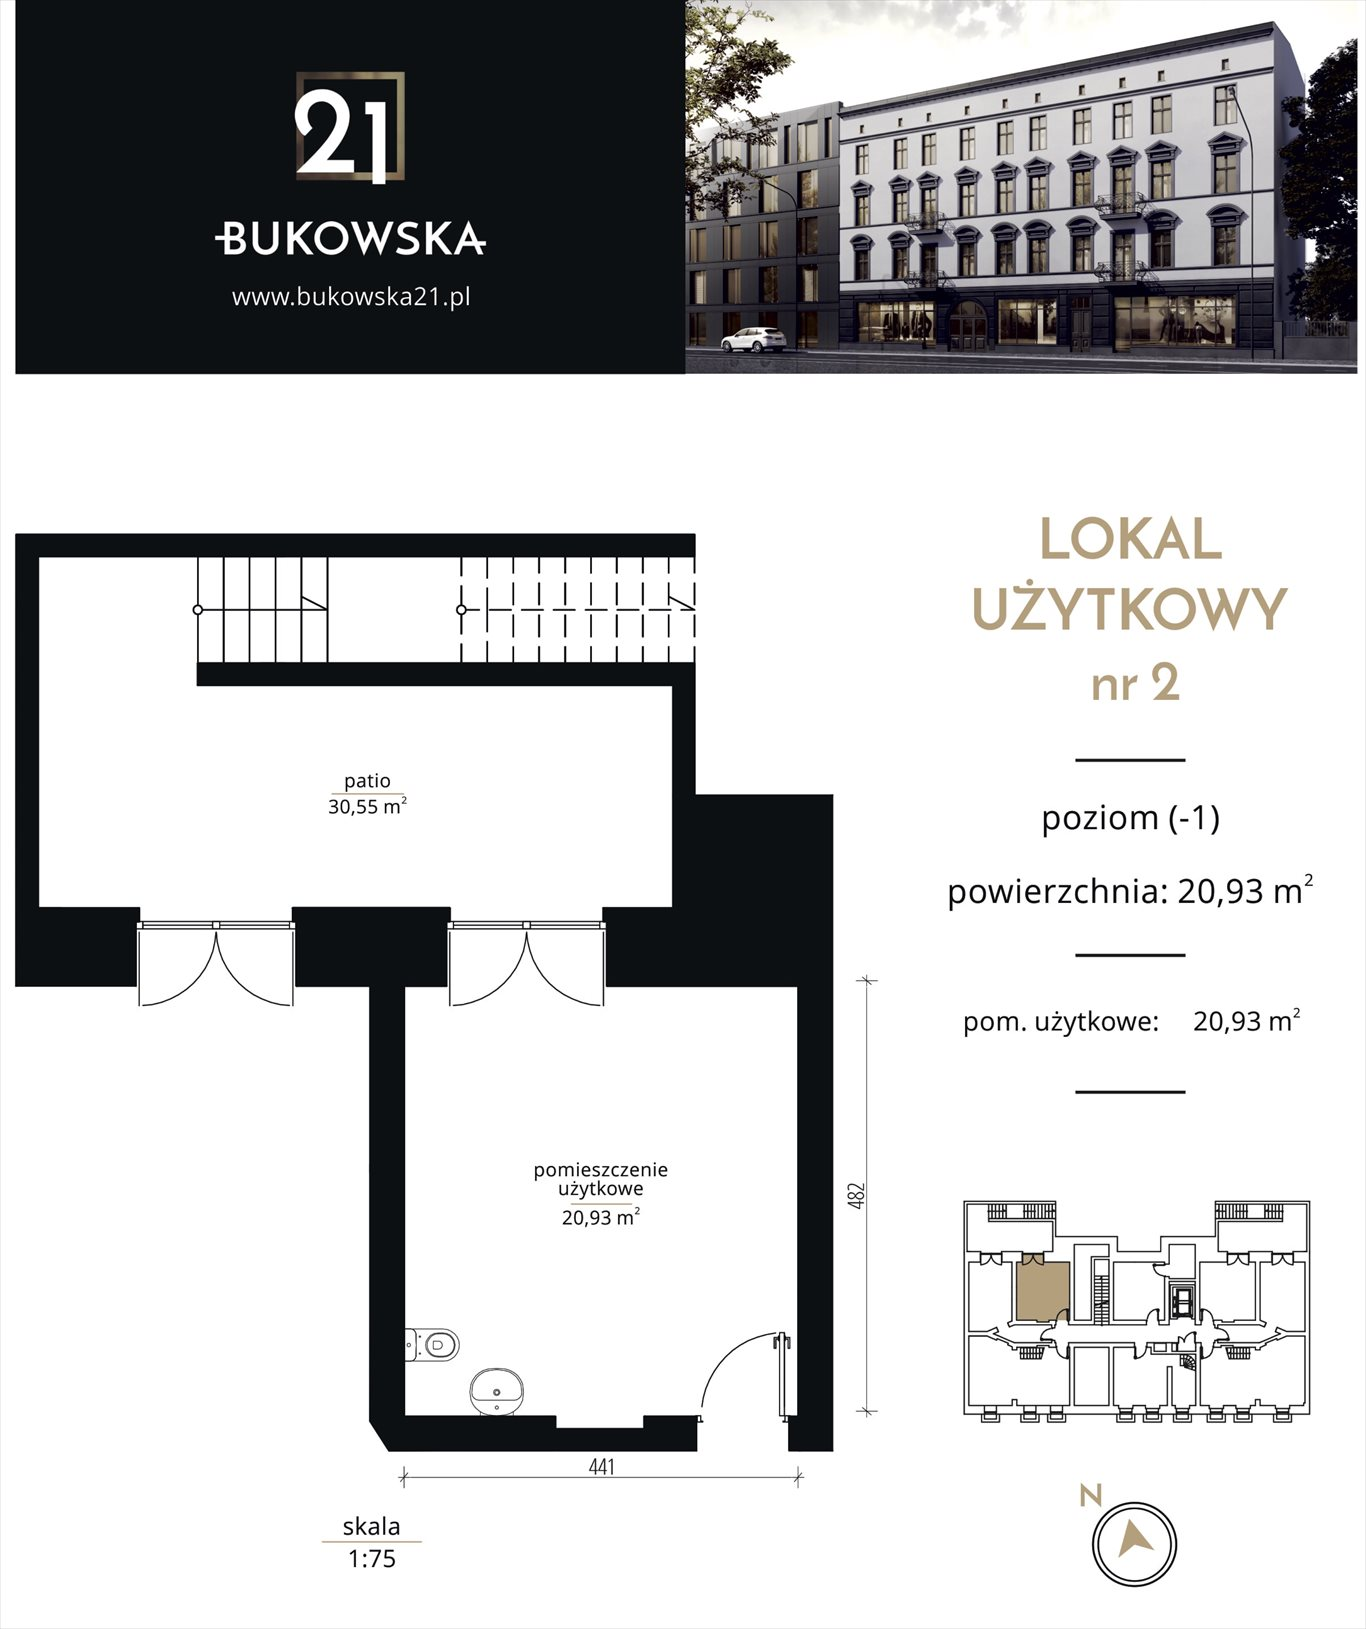 Lokal użytkowy na sprzedaż Poznań, Jeżyce, Bukowska 21  21m2 Foto 2